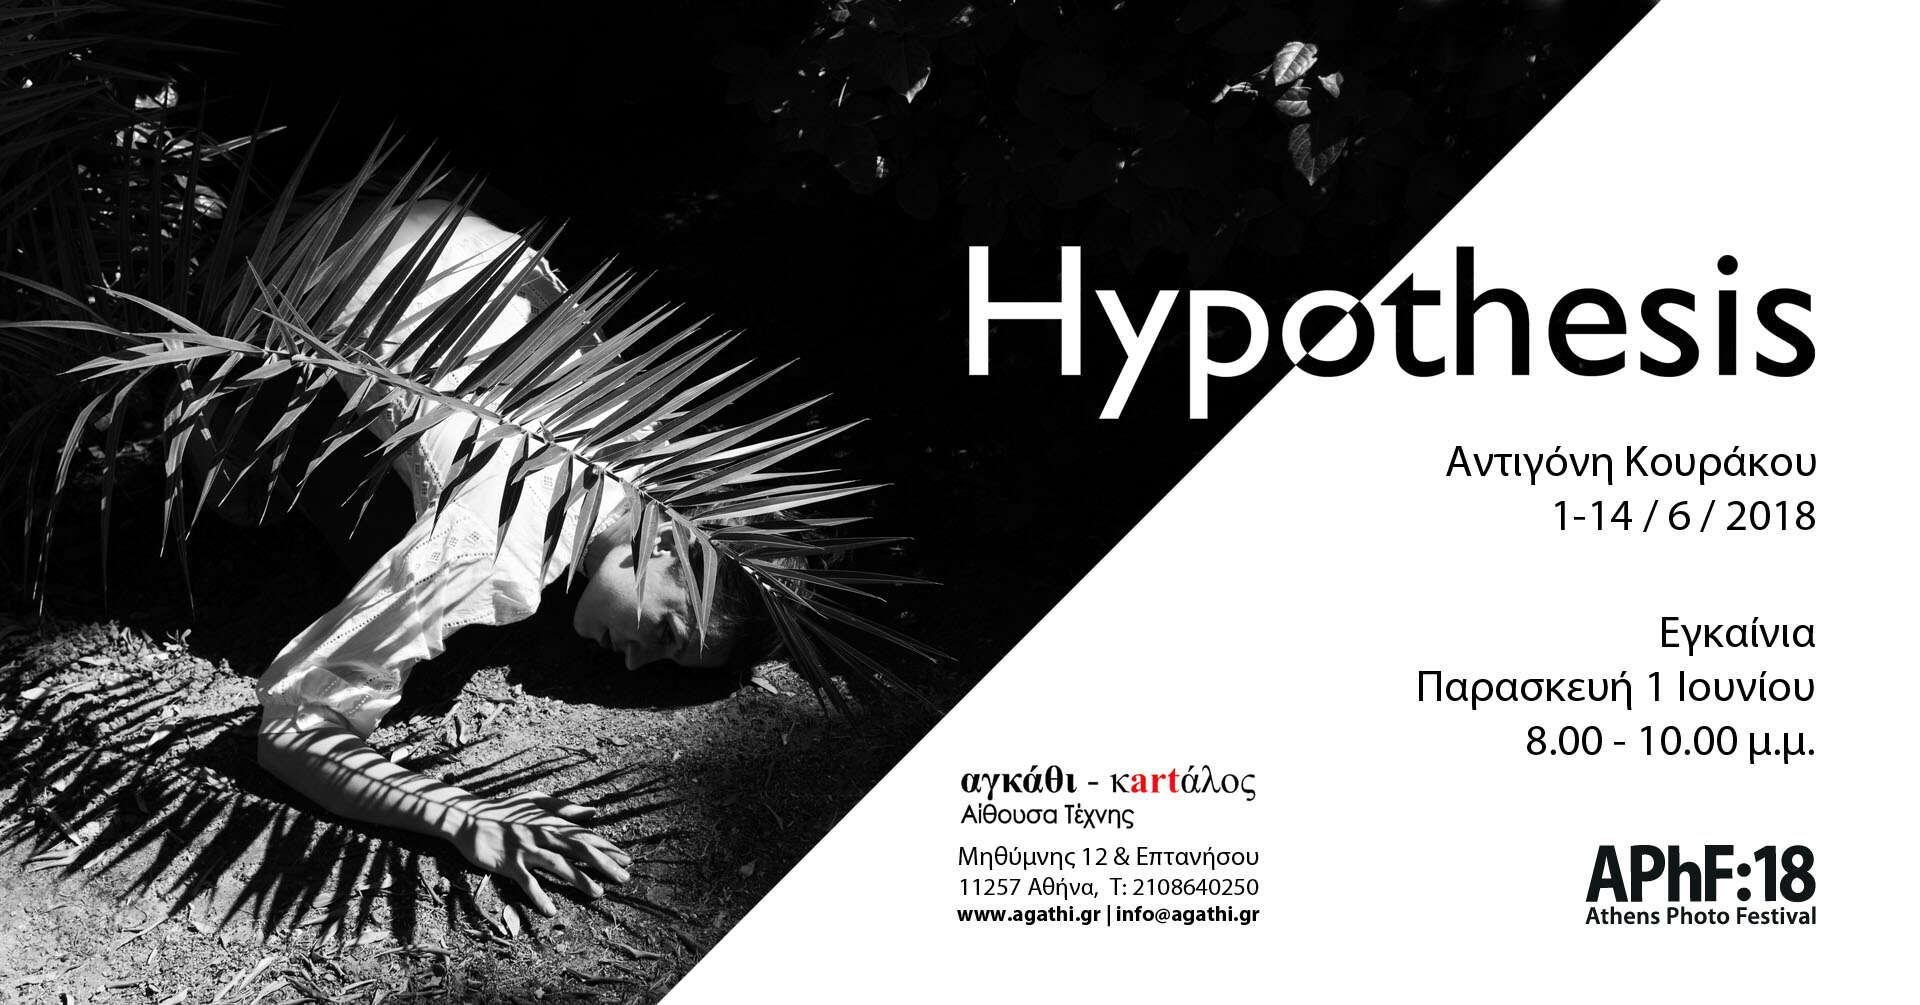 Έκθεση φωτογραφίας της Αντιγόνης Κουράκου με τίτλο Hypothesis